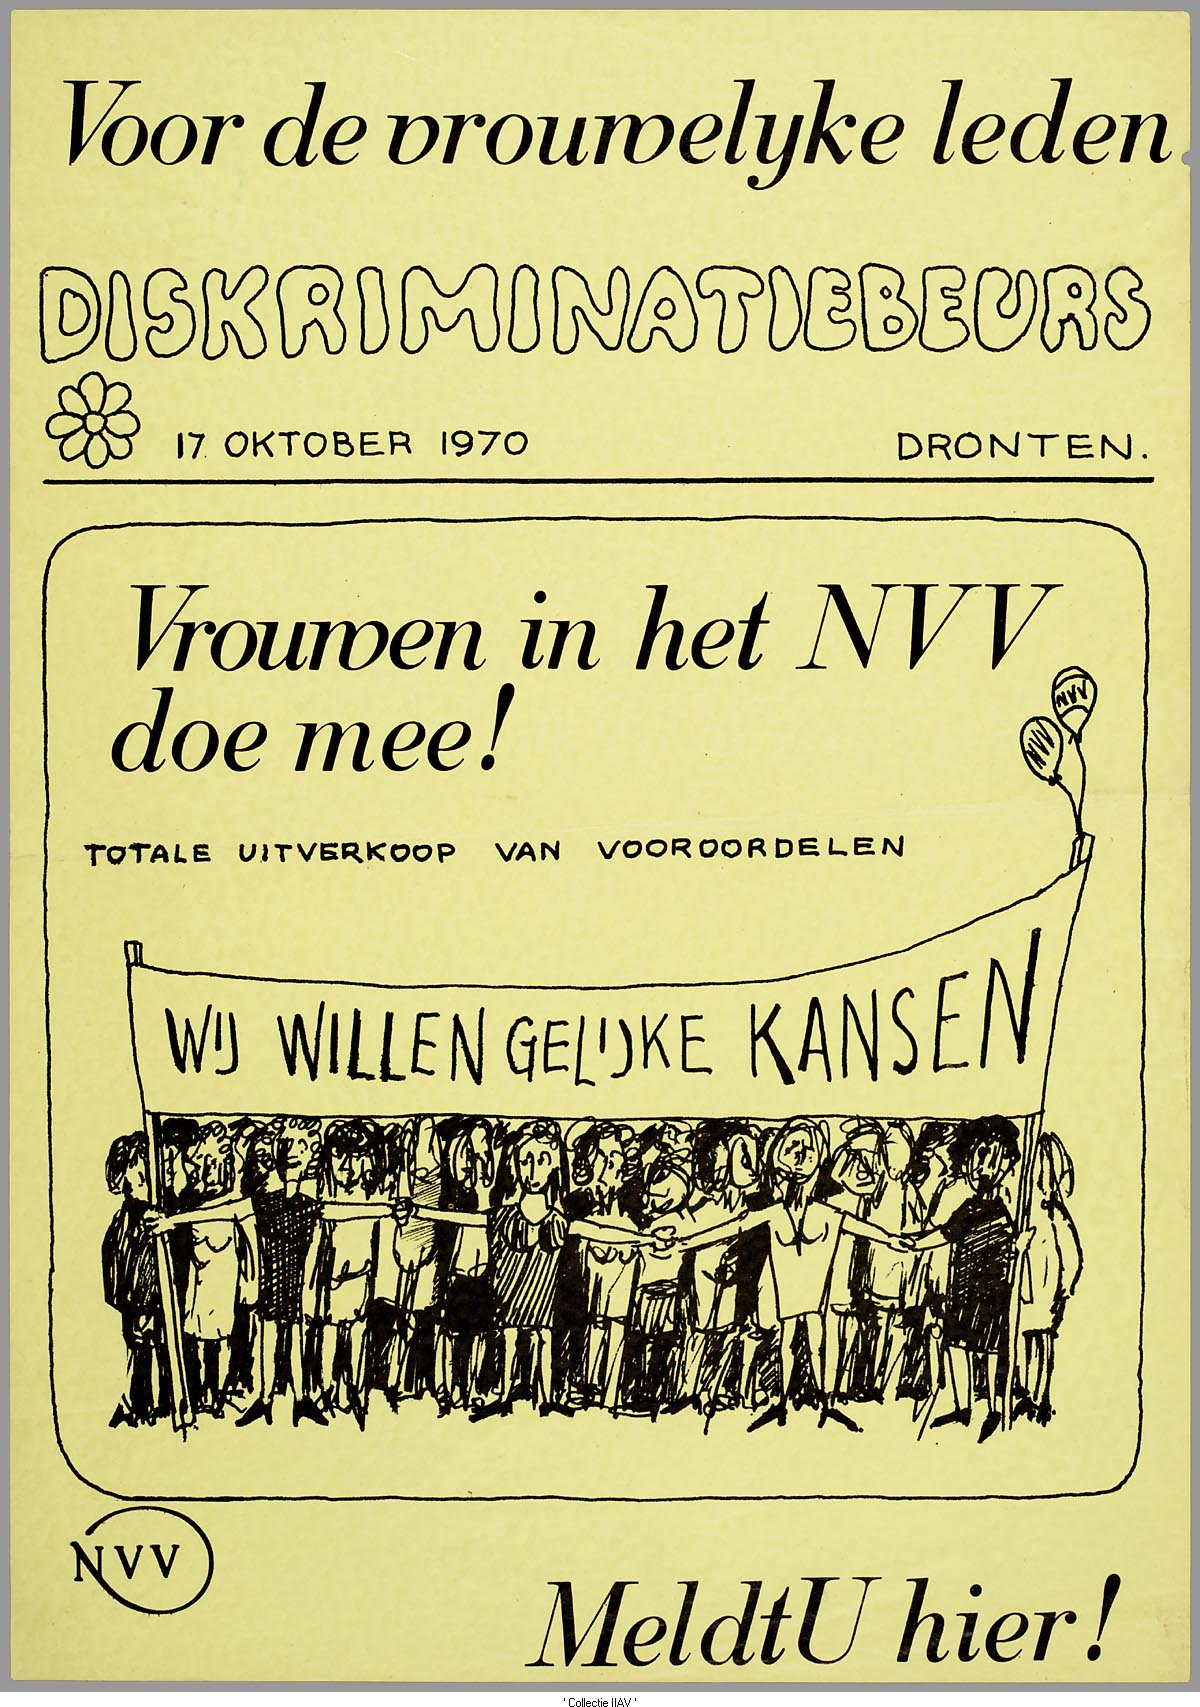 Affiche van de Diskriminatiebeurs in Dronten in 1970